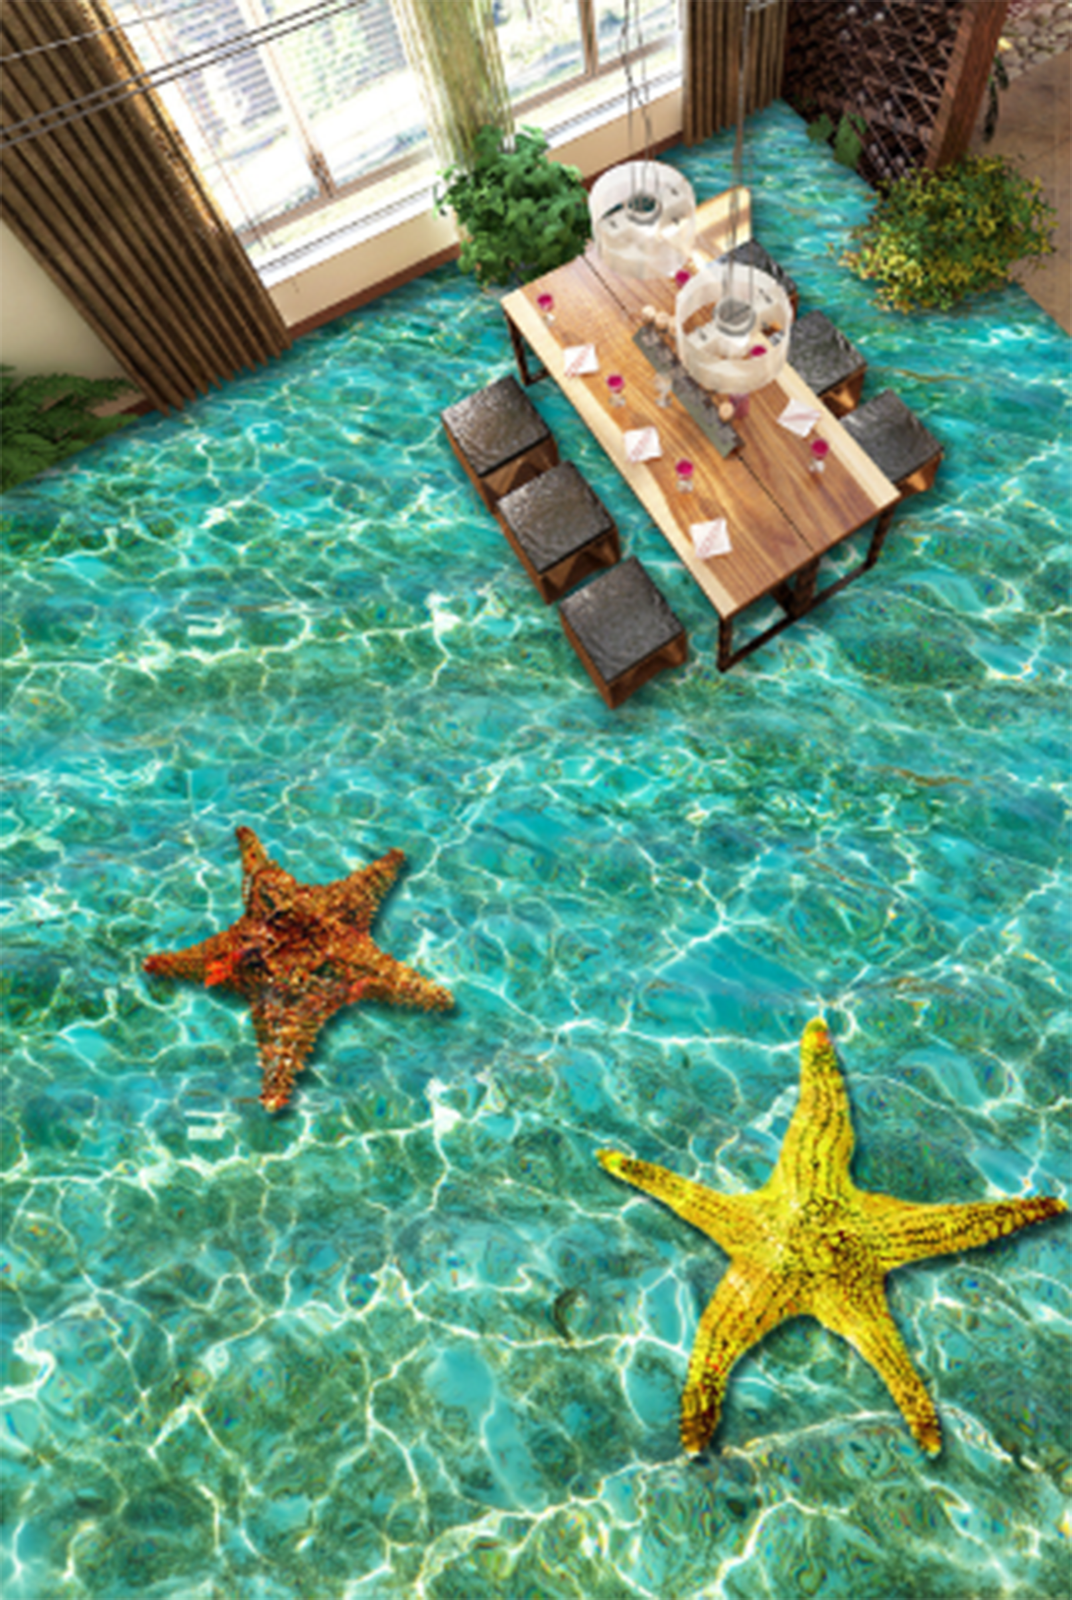 3D Starfish 615 Fototapeten Wandbild Fototapete Tapete Familie DE Lemon